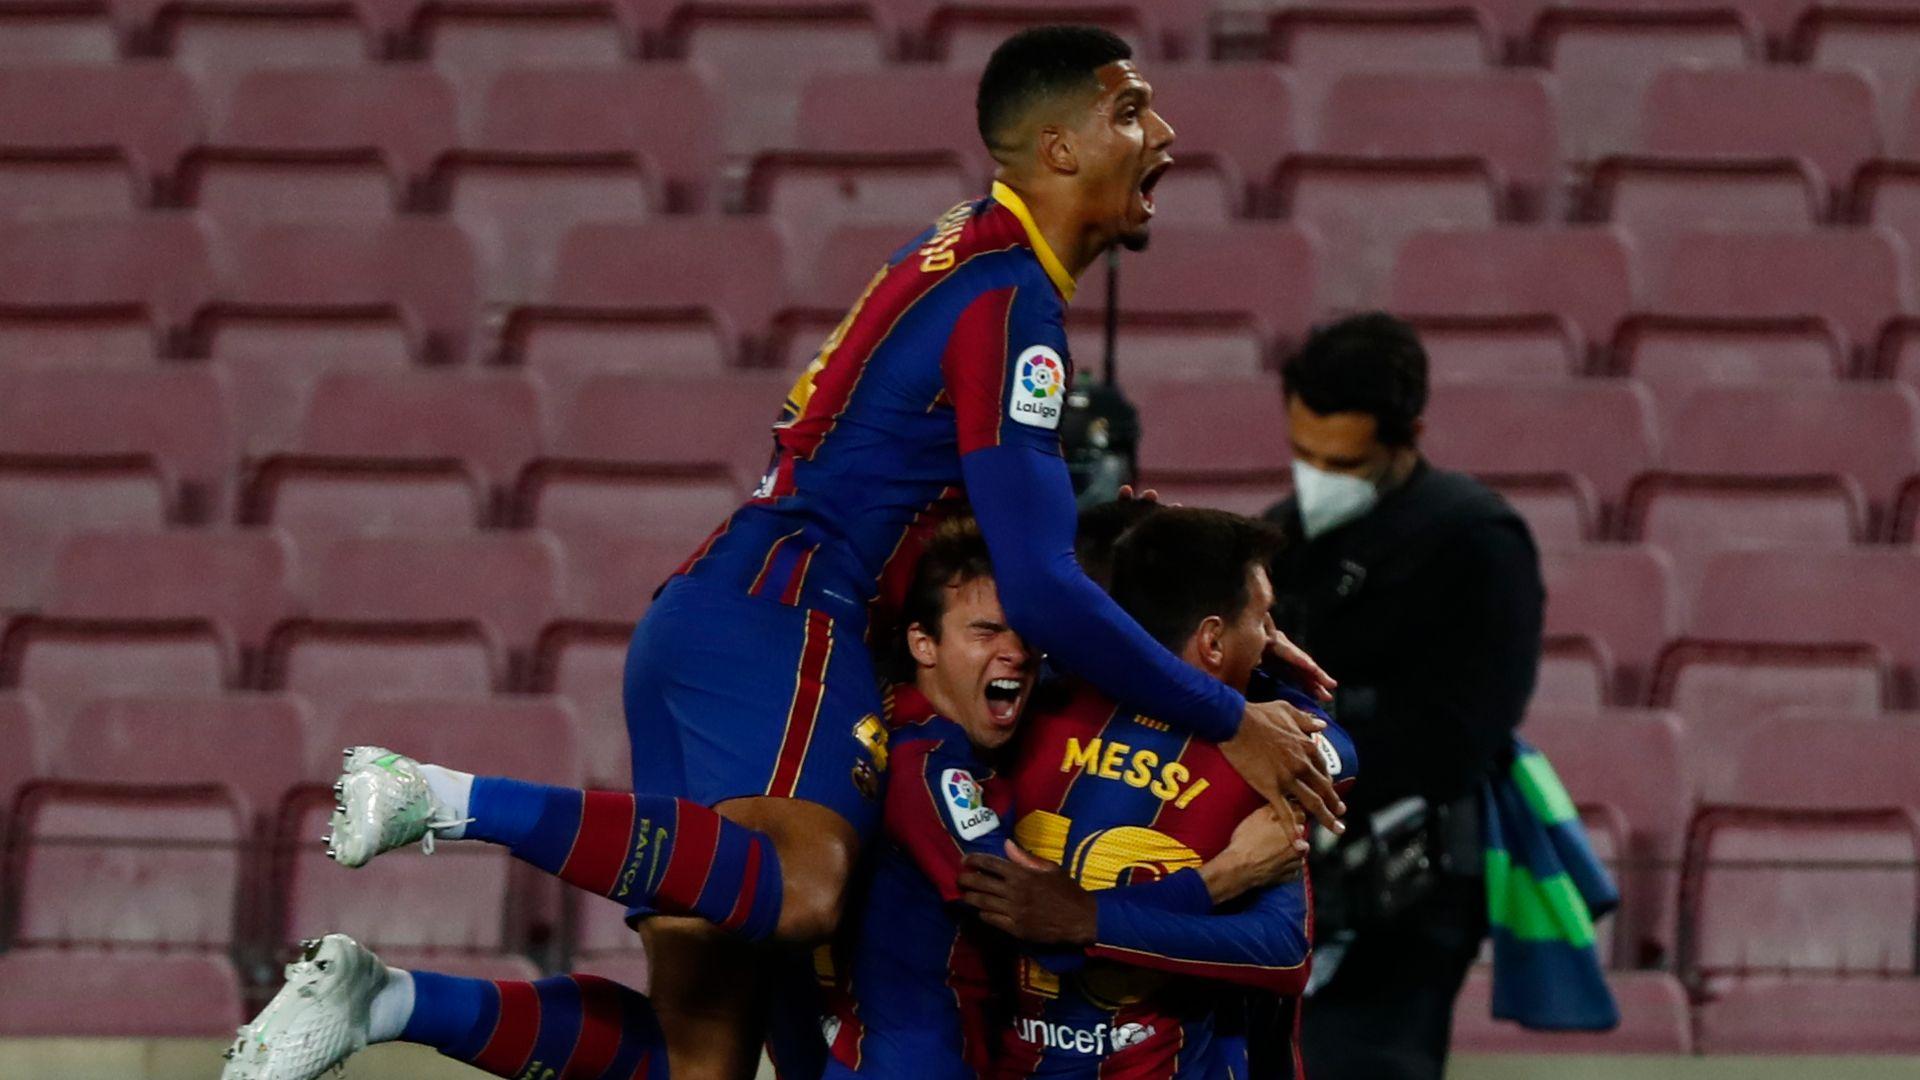 Bucuria jucătorilor Barcelonei după victoria cu Real Valladolid, 1-0. Sursă foto: skysports.com